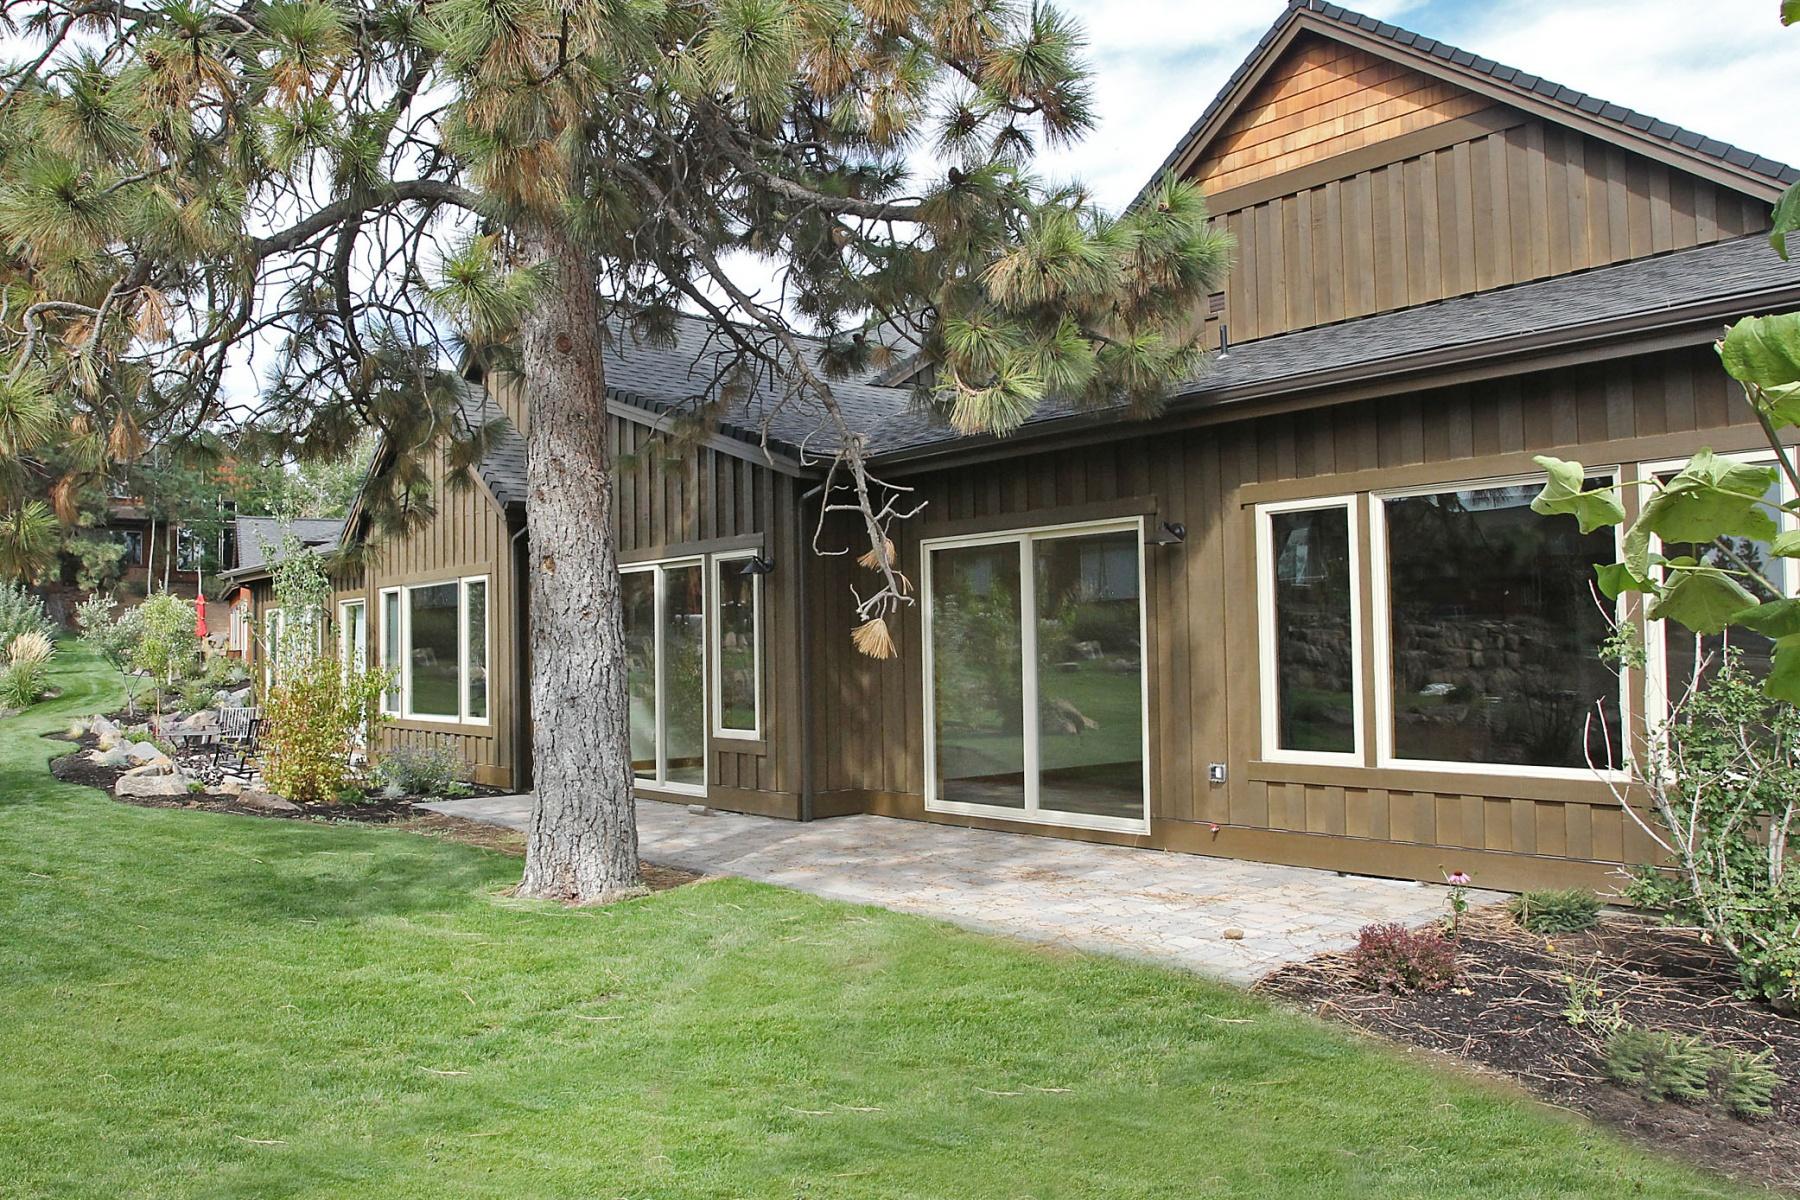 Townhouse for Sale at 60442 Kangaroo Lot 10, Bend 60442 Kangaroo Loop Lot 10, Bend, Oregon, 97702 United States